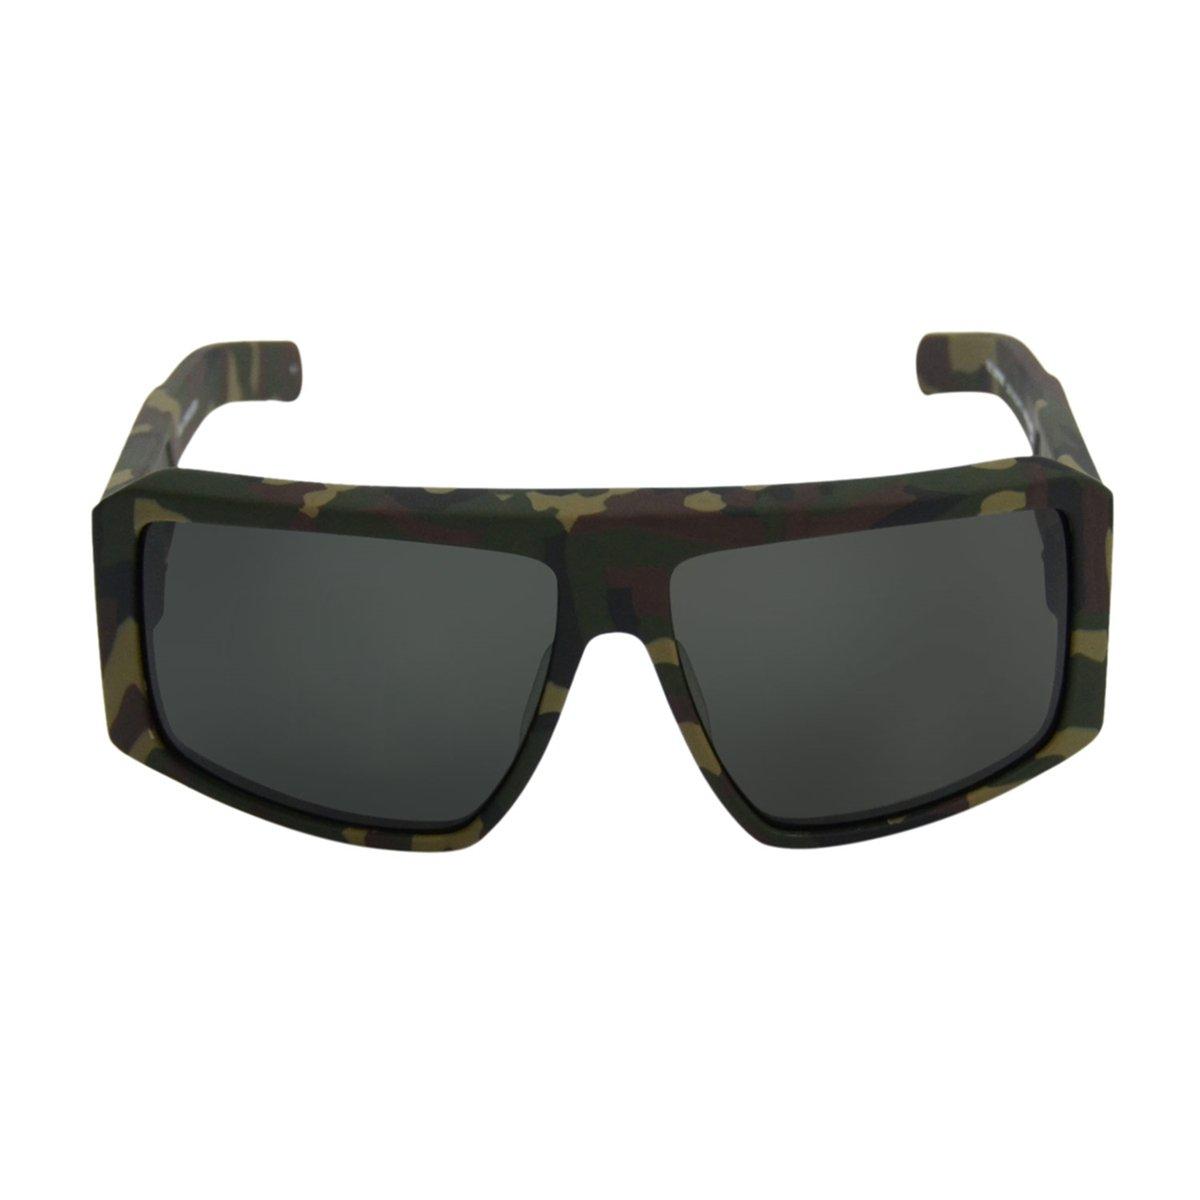 Óculos Quiksilver Empire Black Camo  Óculos Quiksilver Empire Black Camo ... 370224f5cc